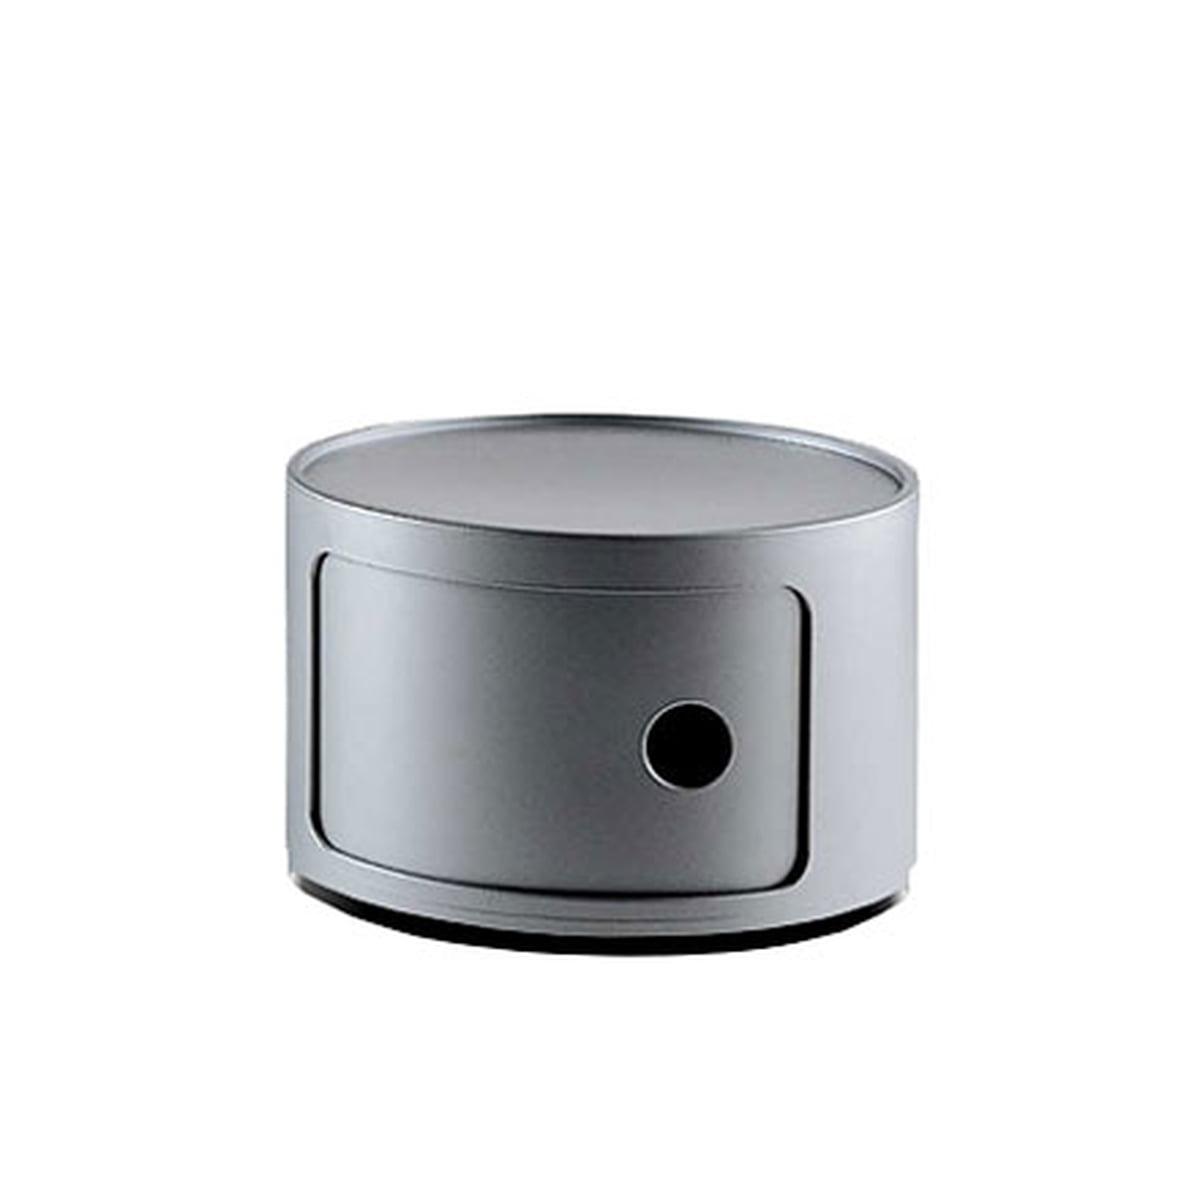 componibili 42 cm von kartell. Black Bedroom Furniture Sets. Home Design Ideas